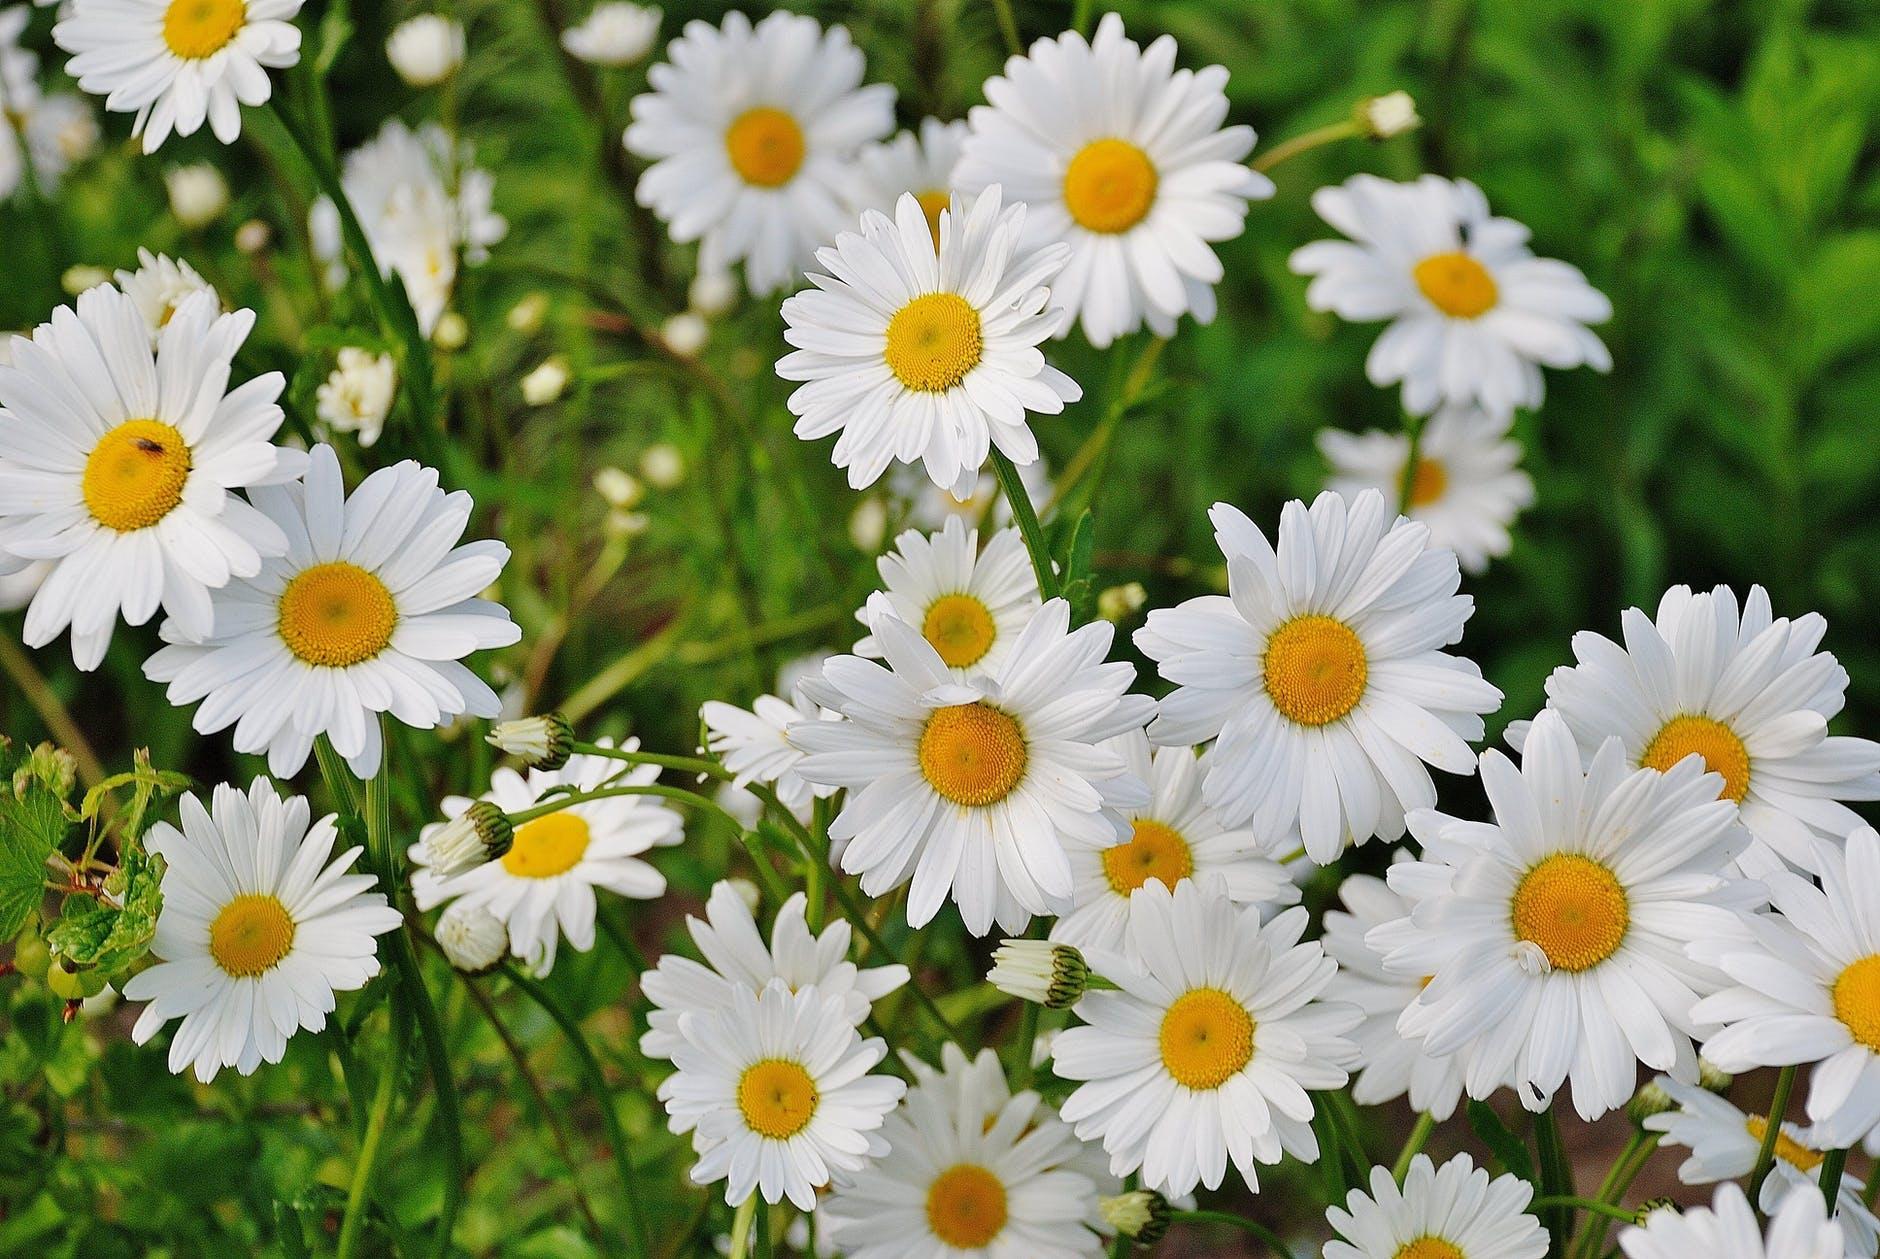 Primavera rondadora*